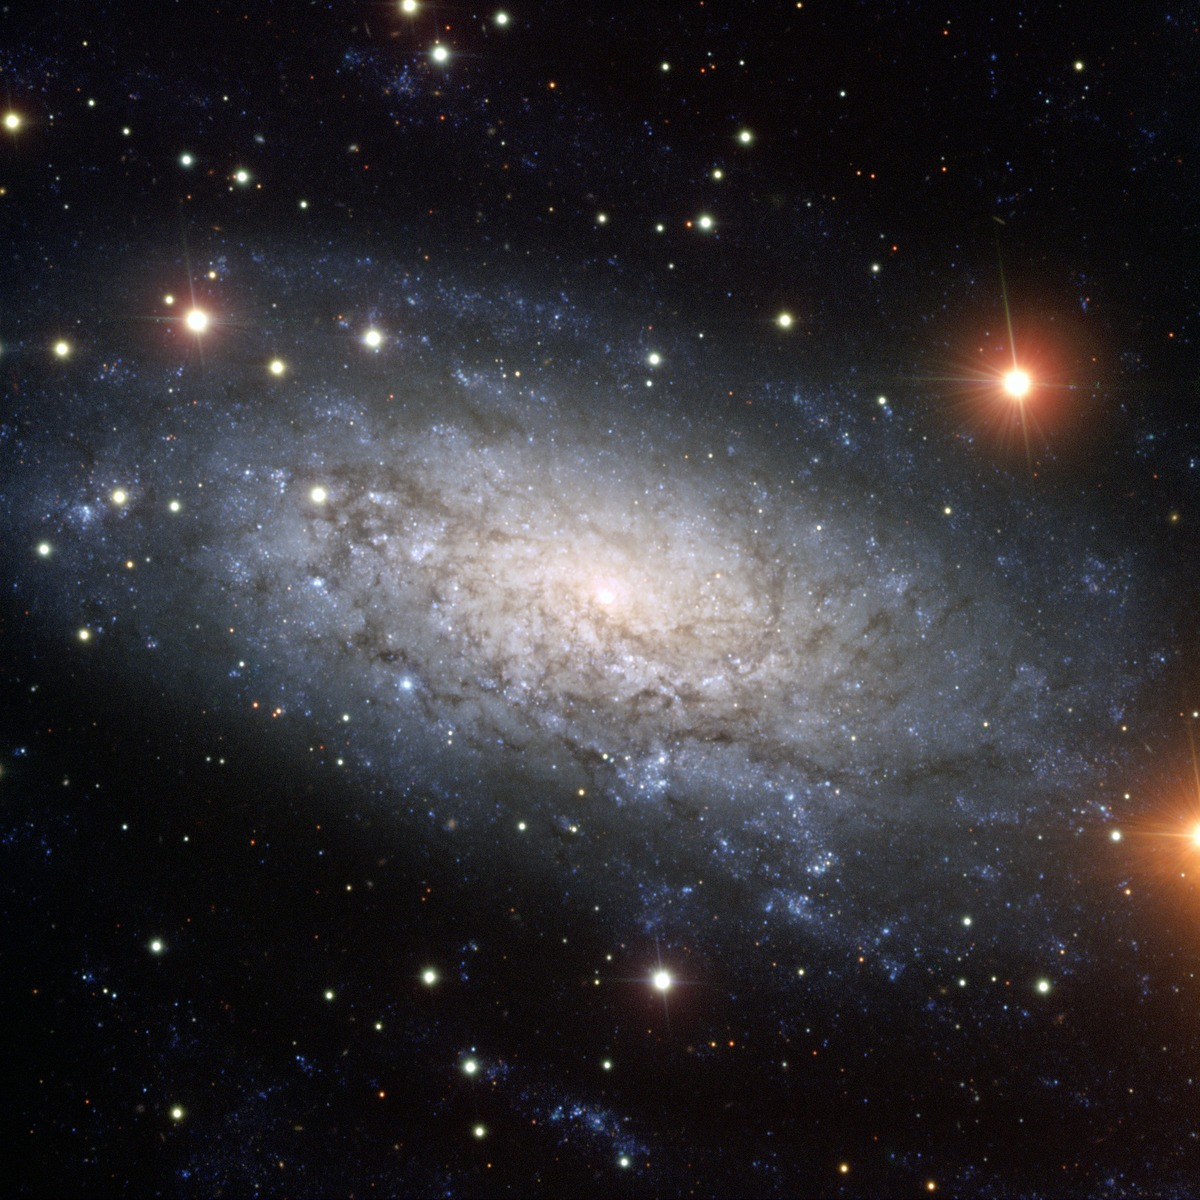 NGC 3621-ESO-VLT-Potw1148a.tif